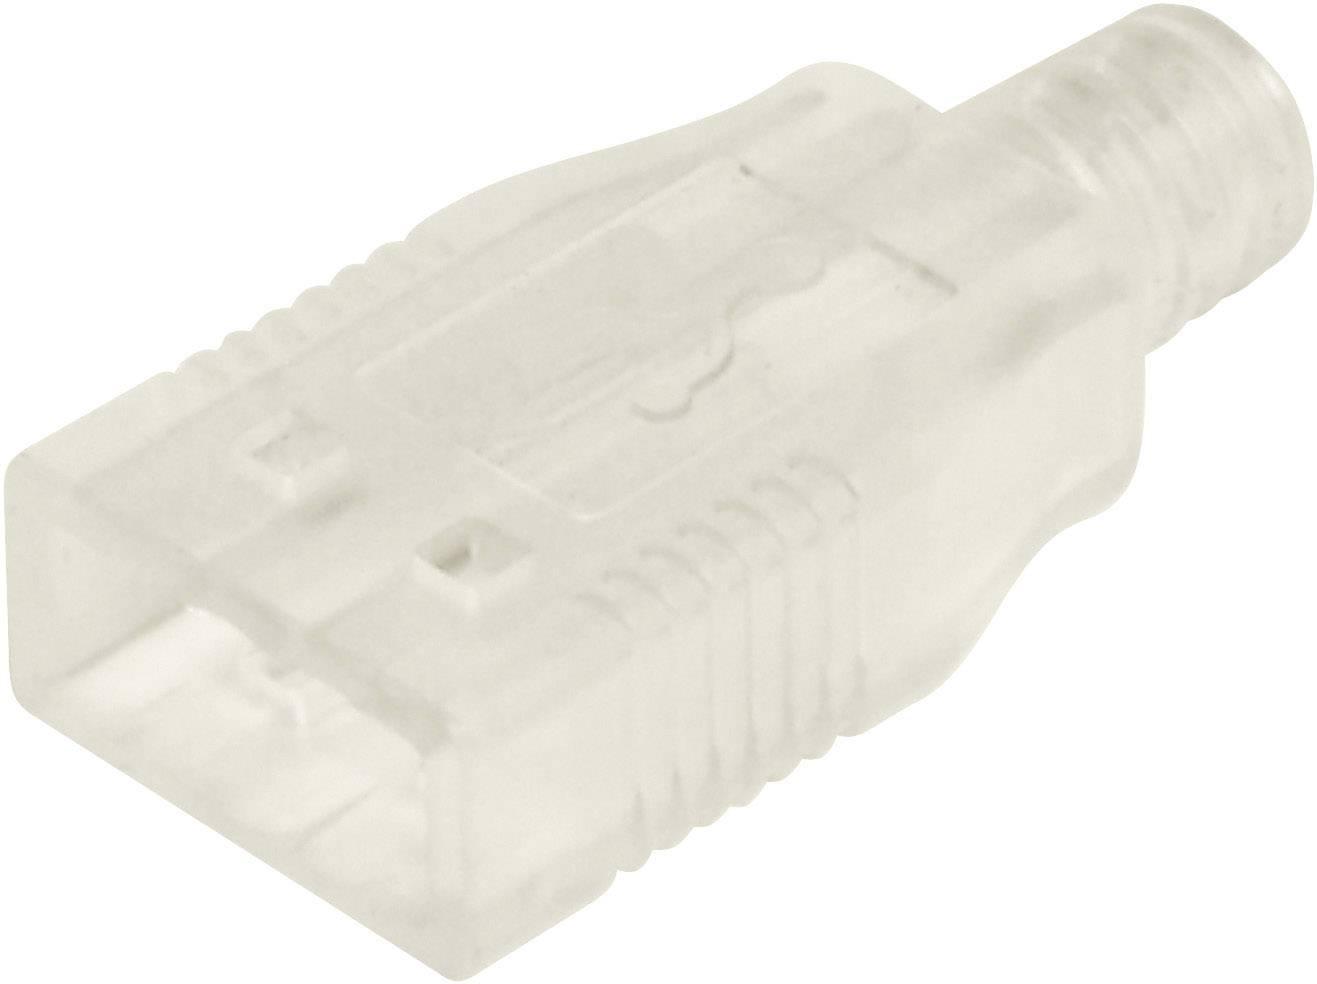 Krytka pro USB typ B BKL Electronic 10120101, zástrčka rovná